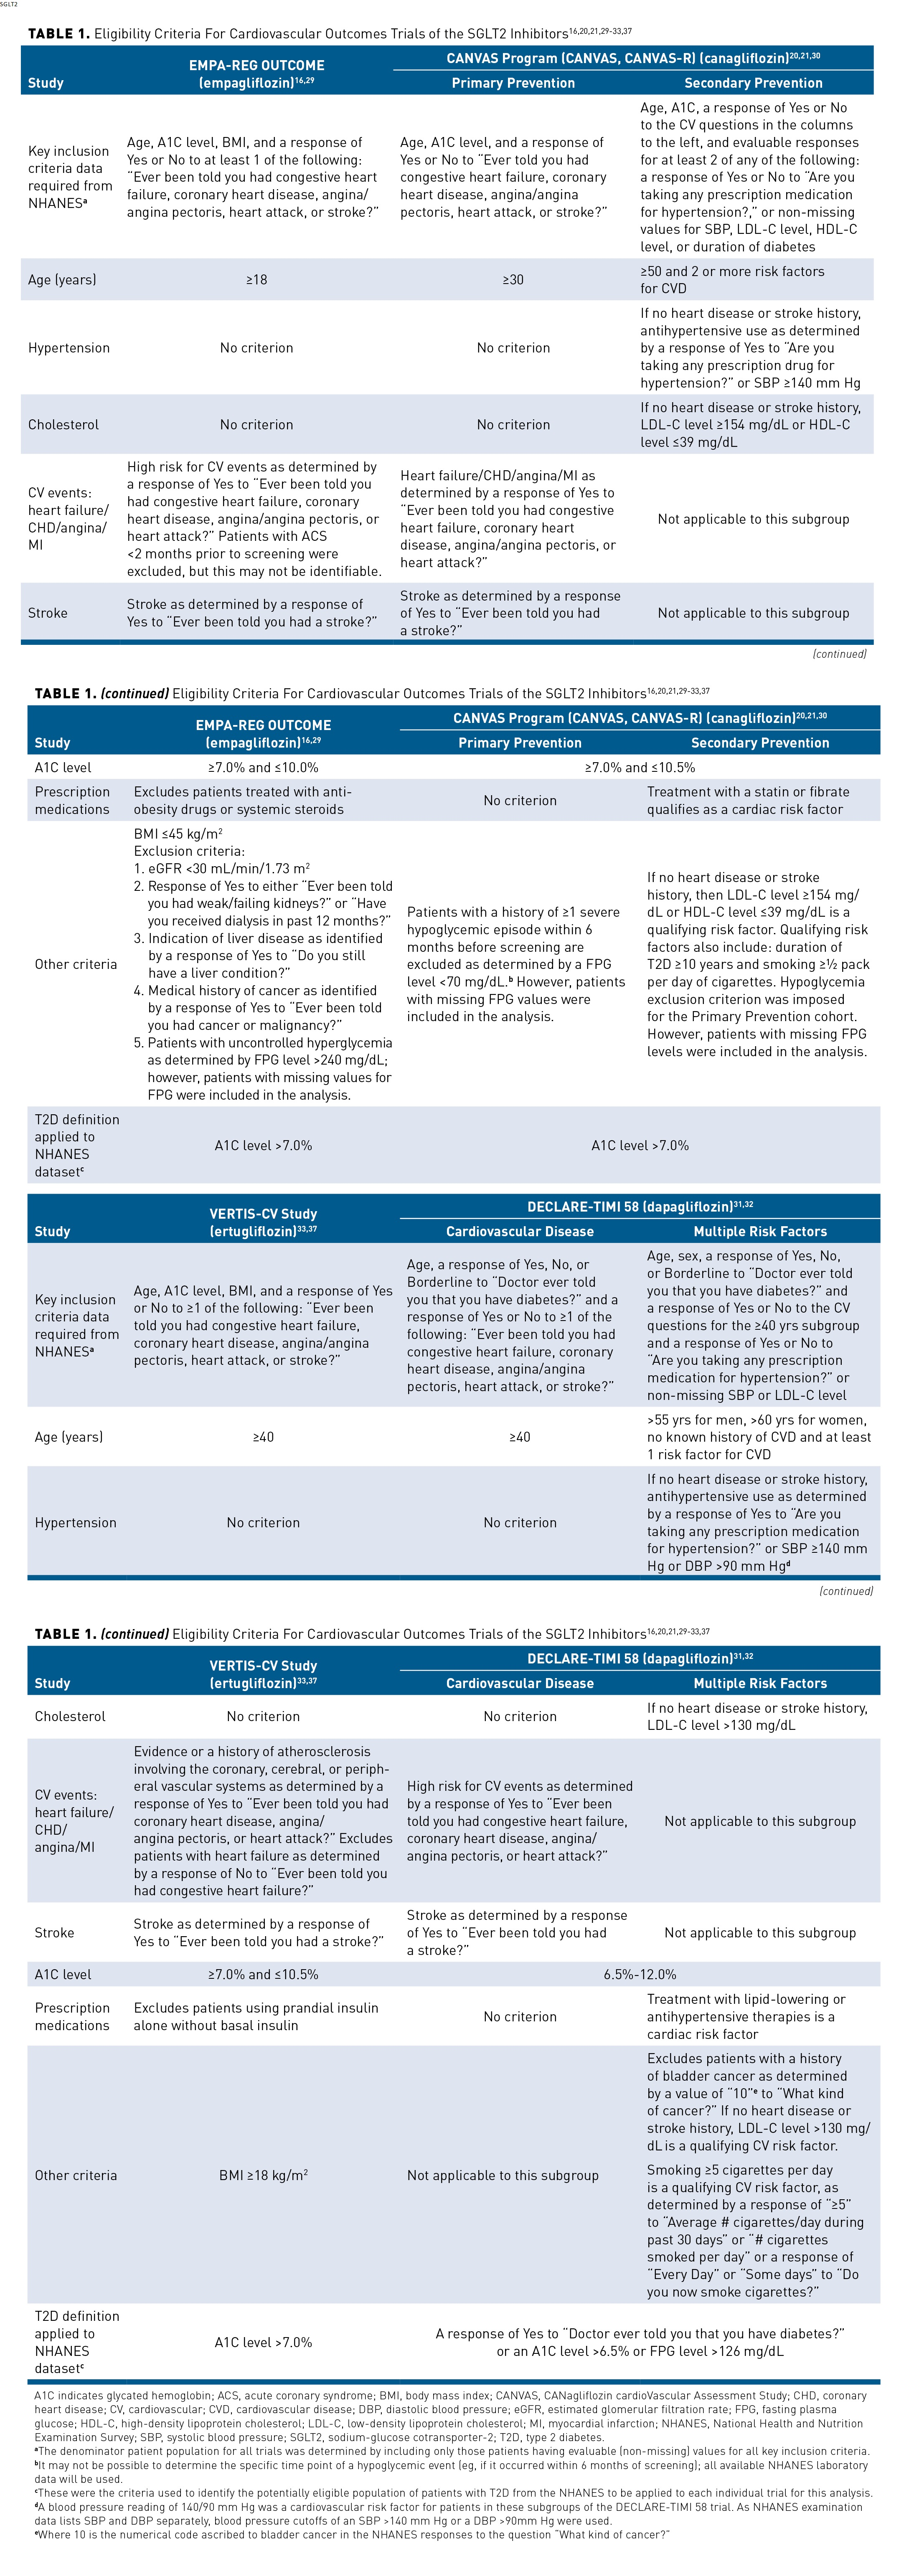 dl information of up